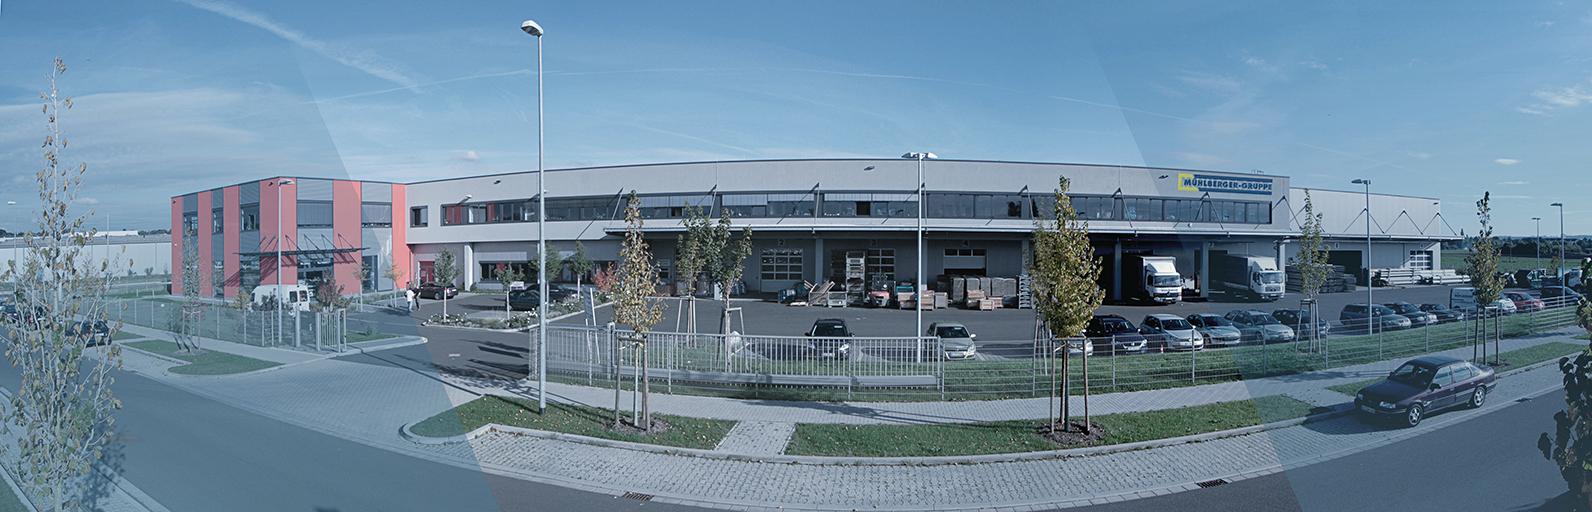 Gebäude der Mühlberger-Gruppe